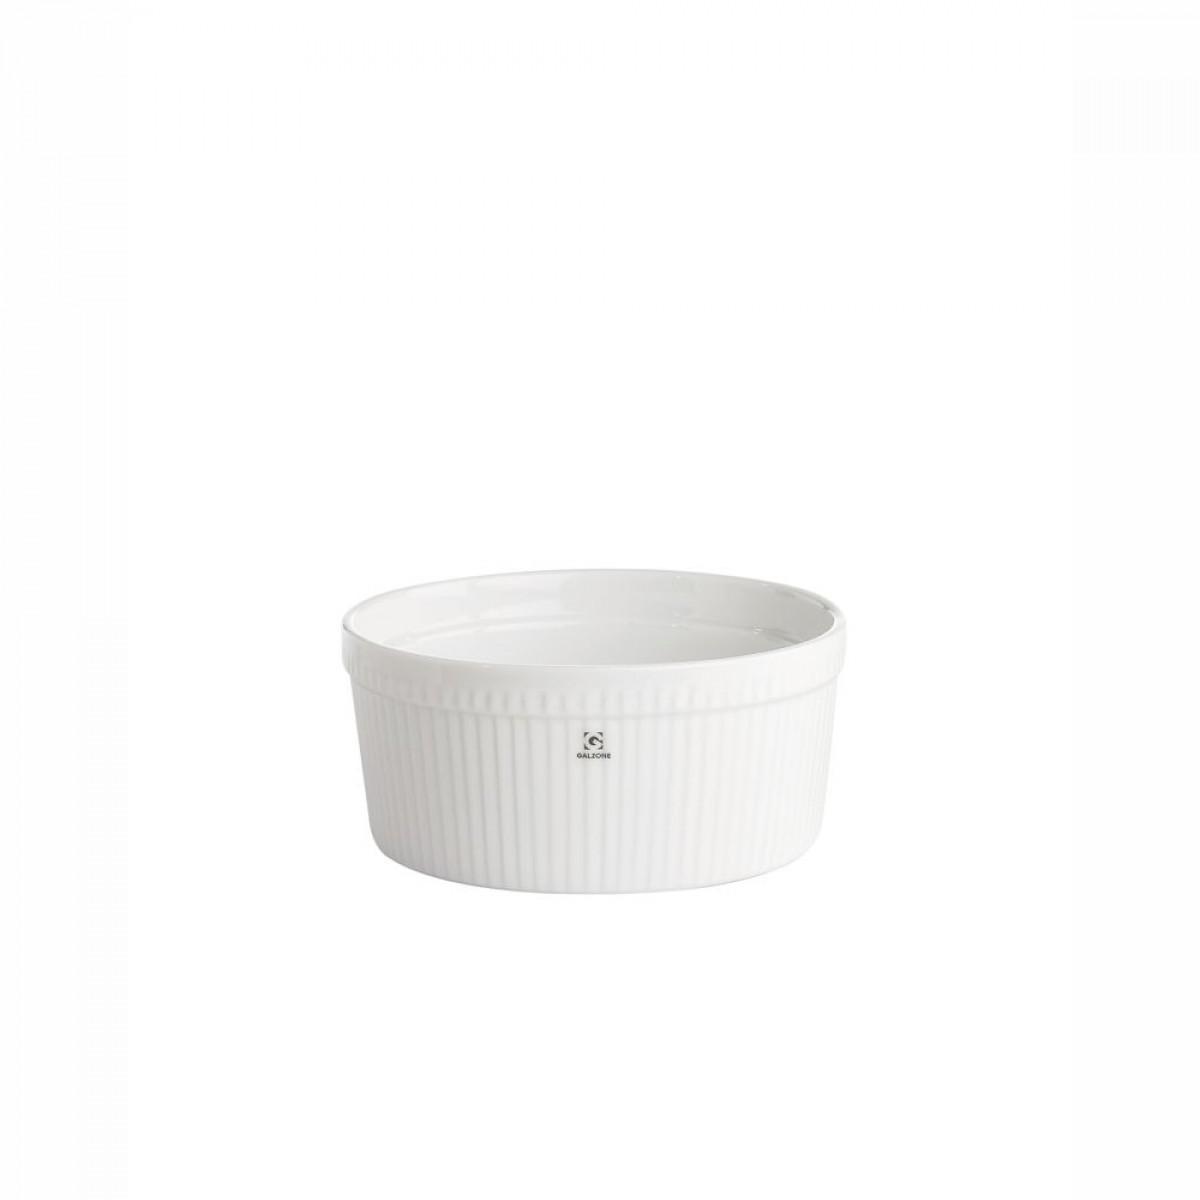 Soufflé skål 20 cm Ø